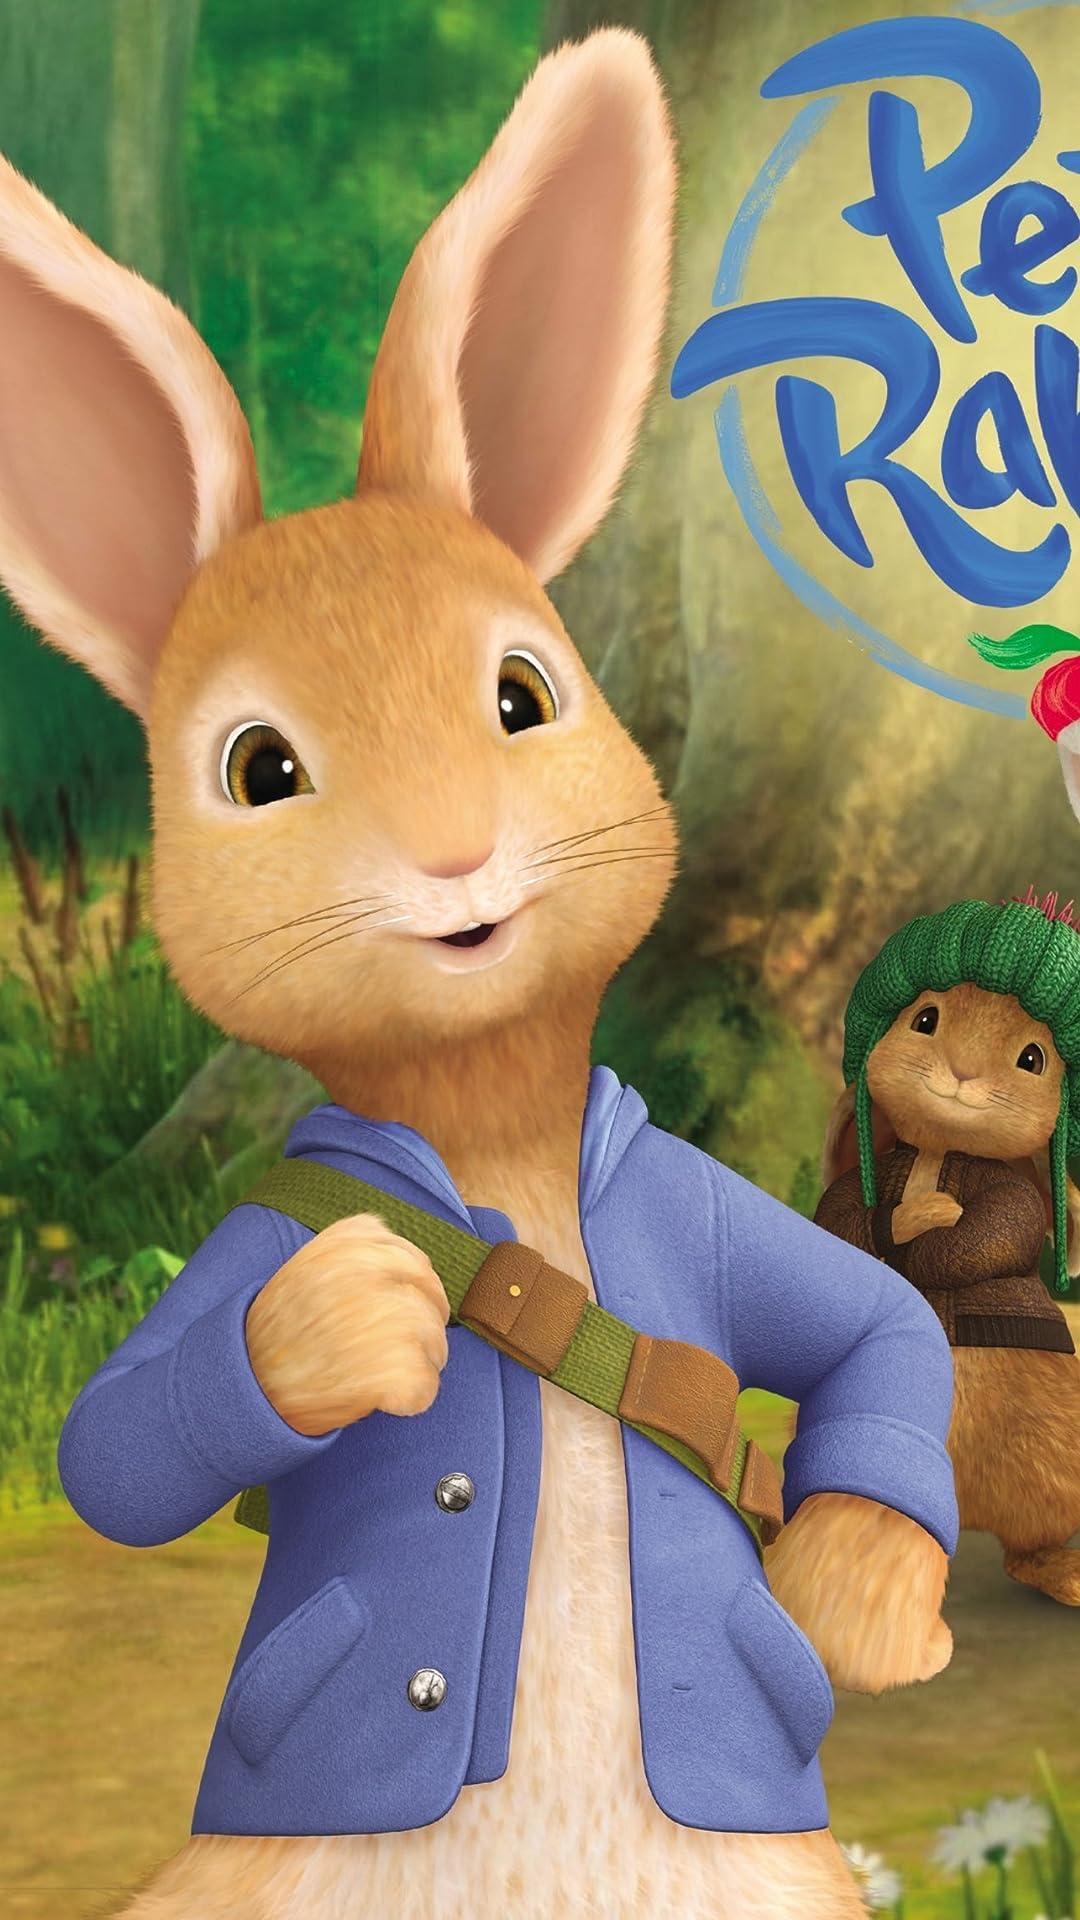 ピーターラビット Peter Rabbit ピーターラビット ベンジャミンバニー